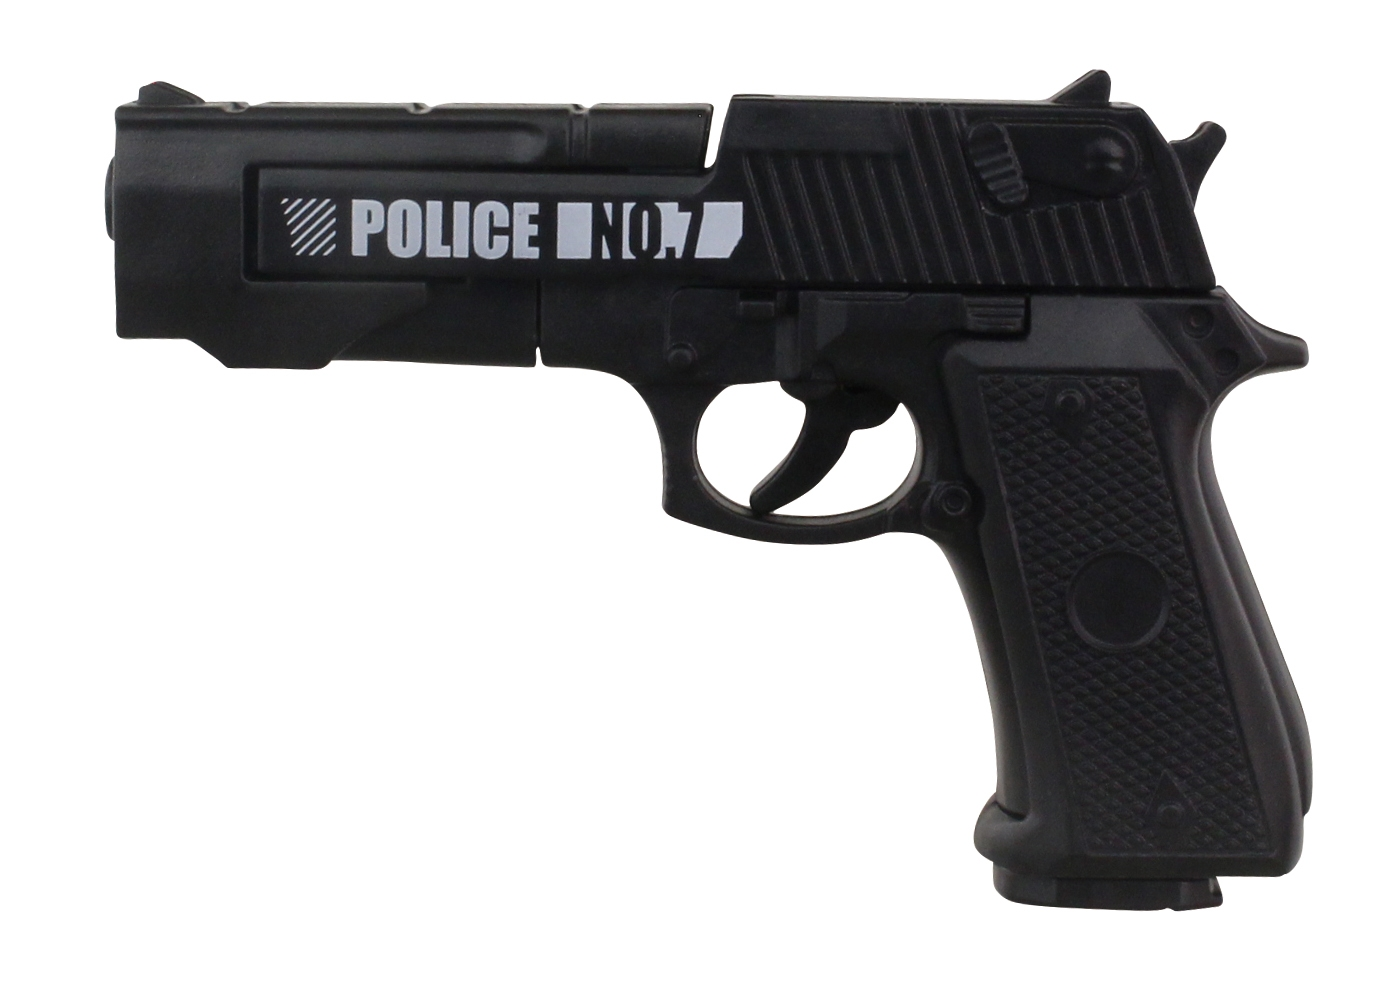 撃つことができる拳銃。サイズは約75mm